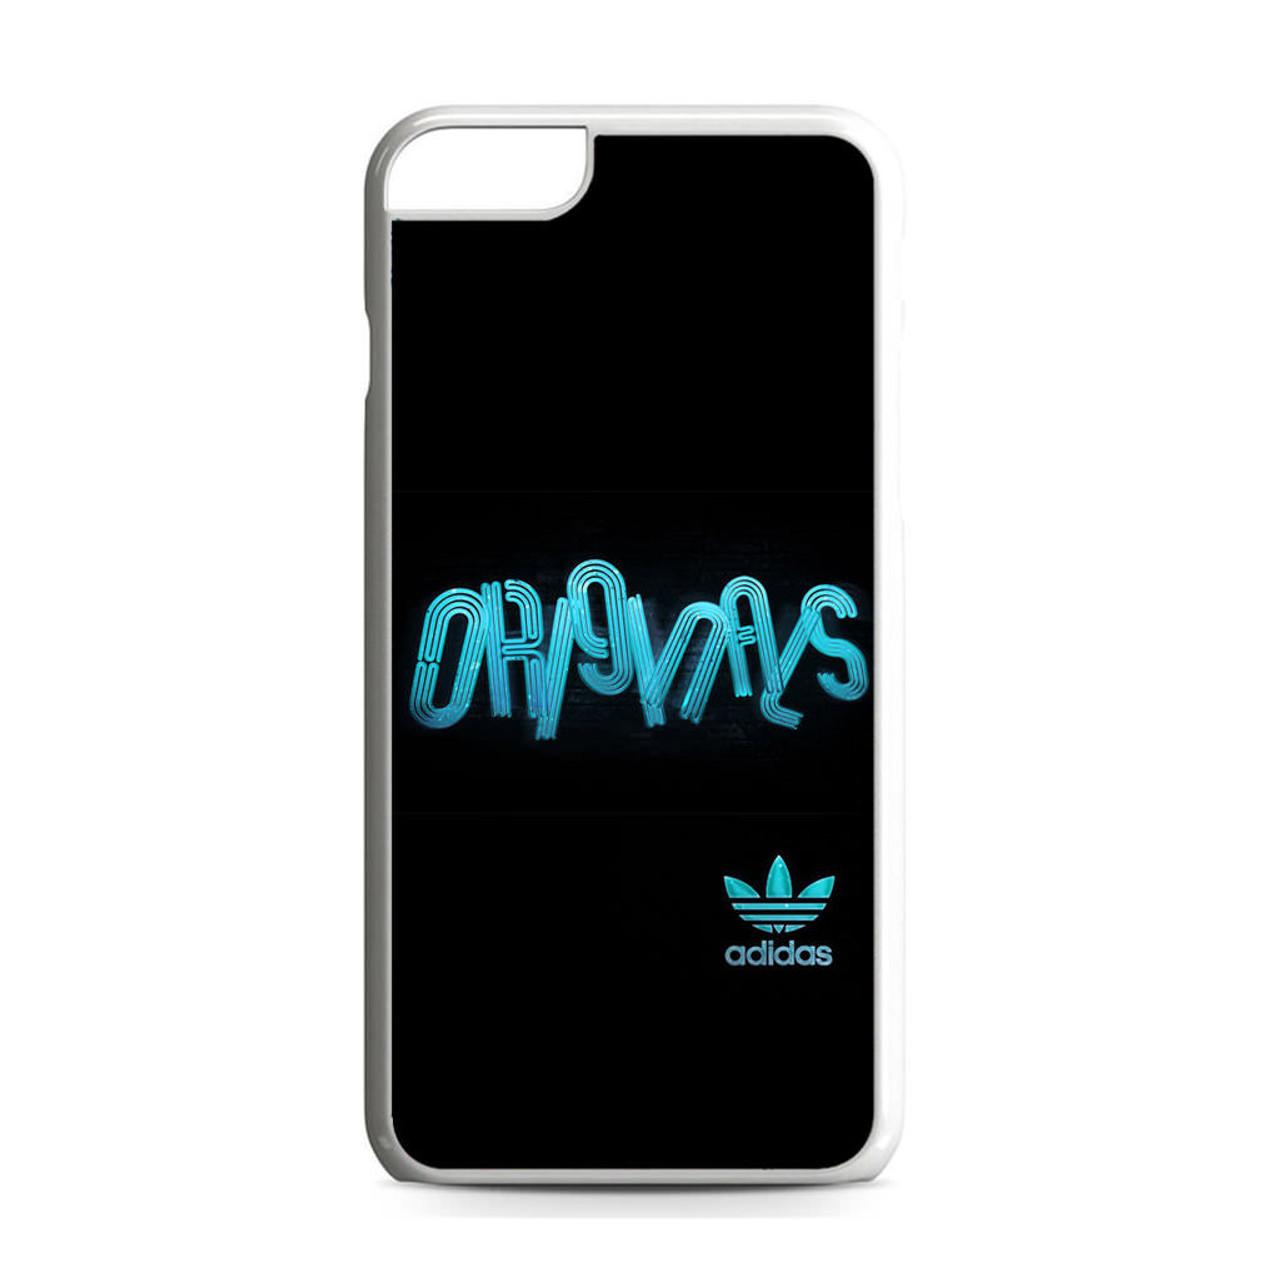 intelectual Inapropiado Seguir  Adidas Originals iPhone 6 Plus/6S Plus Case - CASESHUNTER